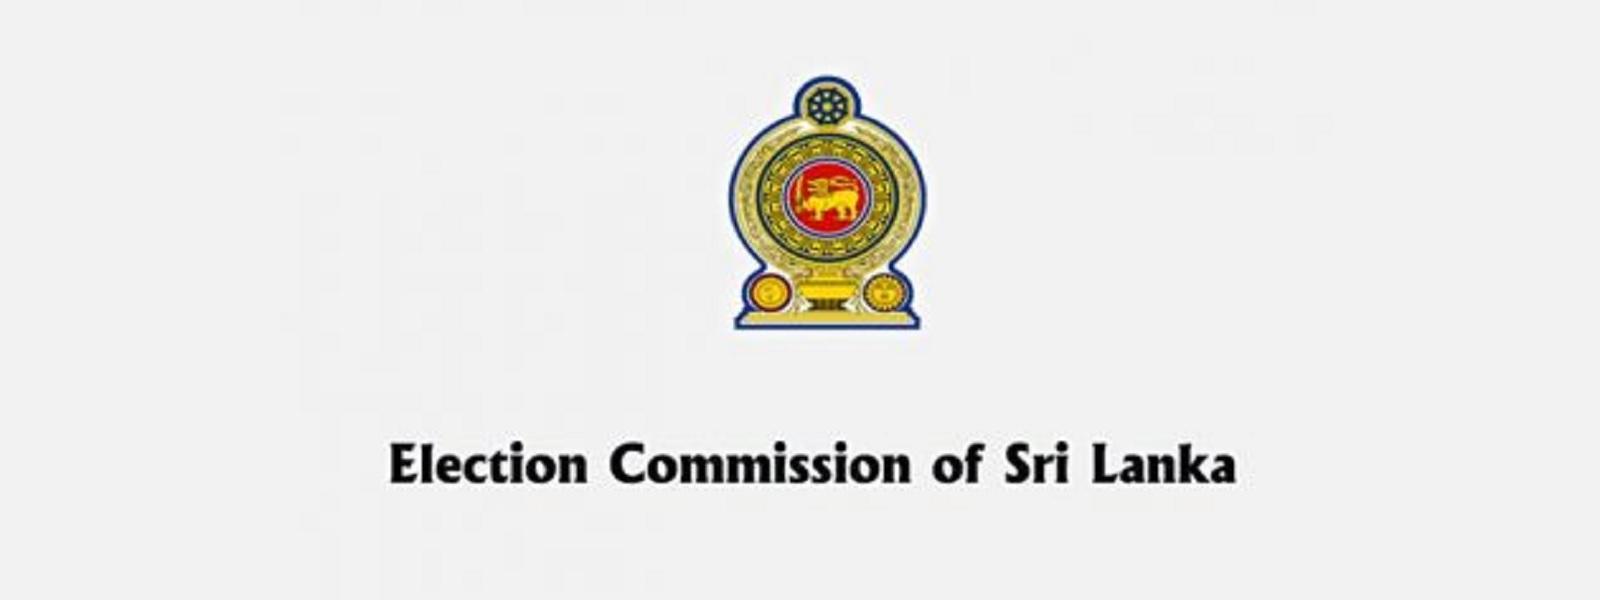 7 அரசியல் கட்சிகளுக்கு தேர்தல்கள் ஆணைக்குழு காலக்கெடு